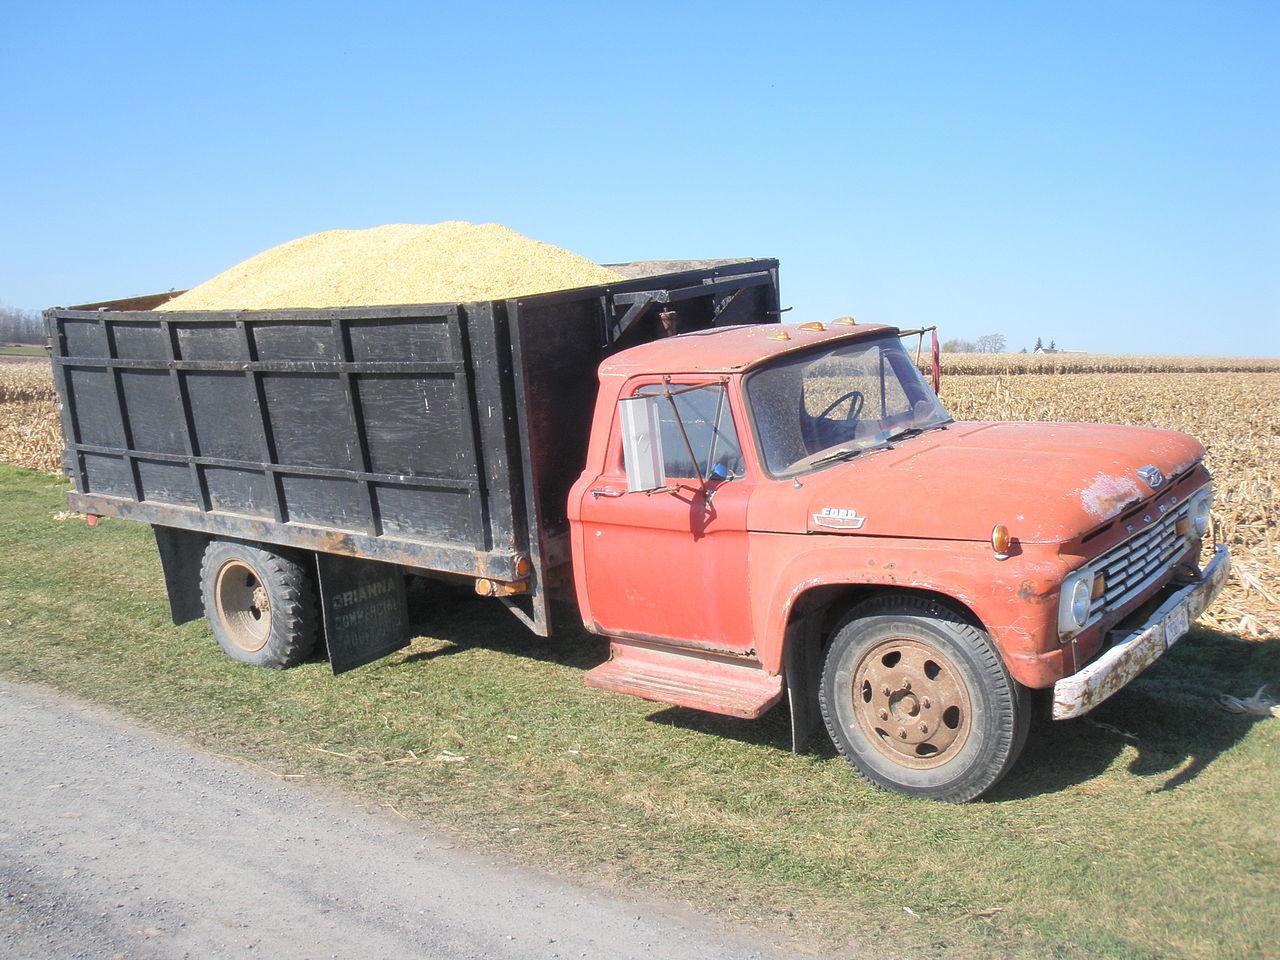 Brush Trucks For Sale >> File:Farm truck.jpg - Wikimedia Commons